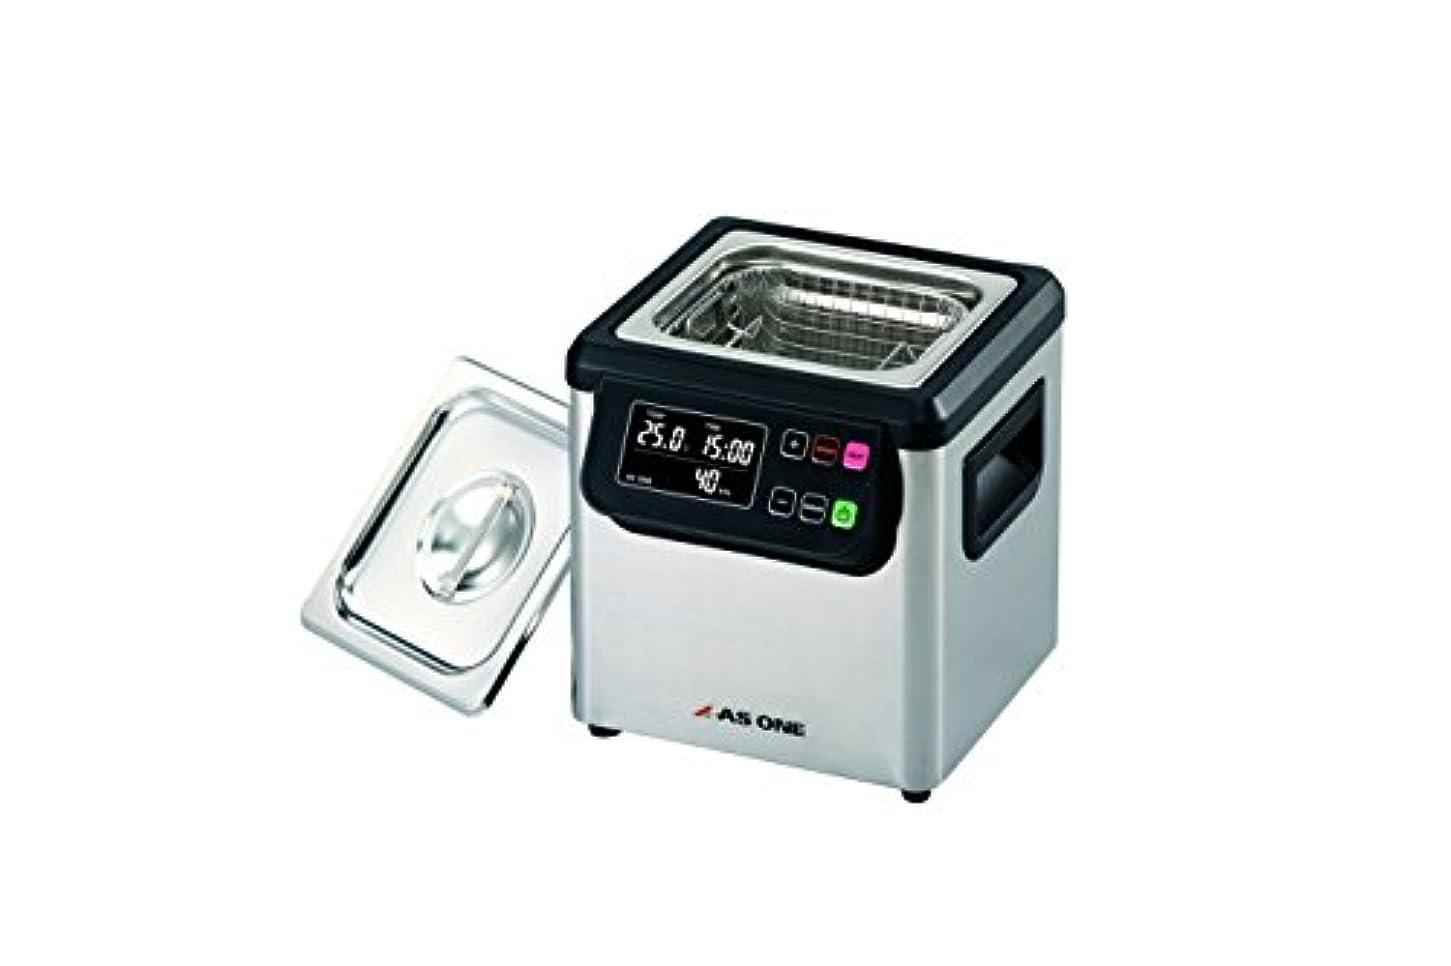 鎖快いメンテナンス超音波洗浄器(二周波)